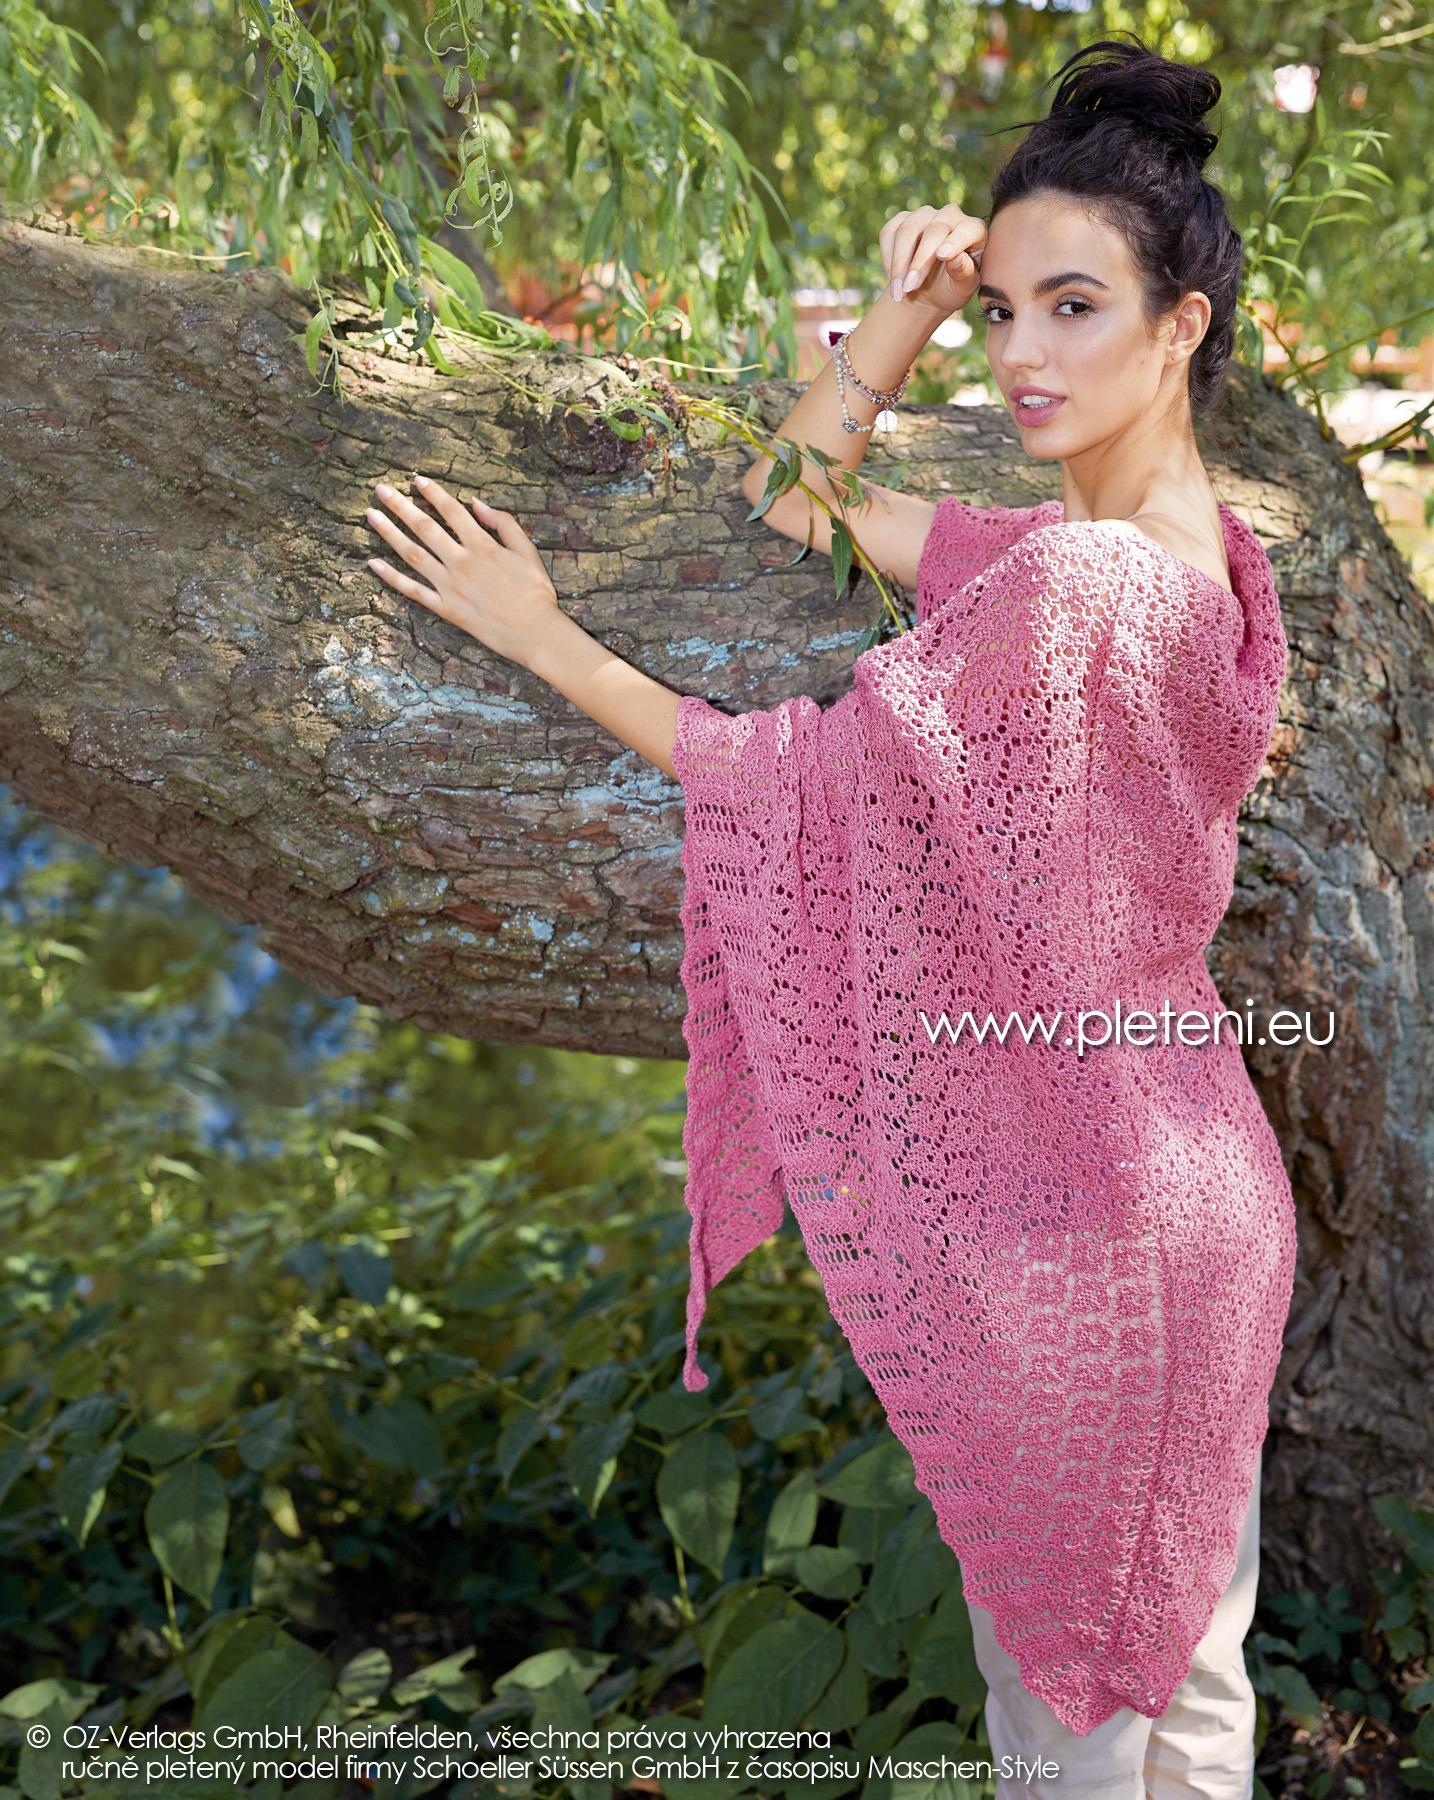 2019-L-10 pletený trojcípý šátek z příze Merino Cotton firmy Schoeller